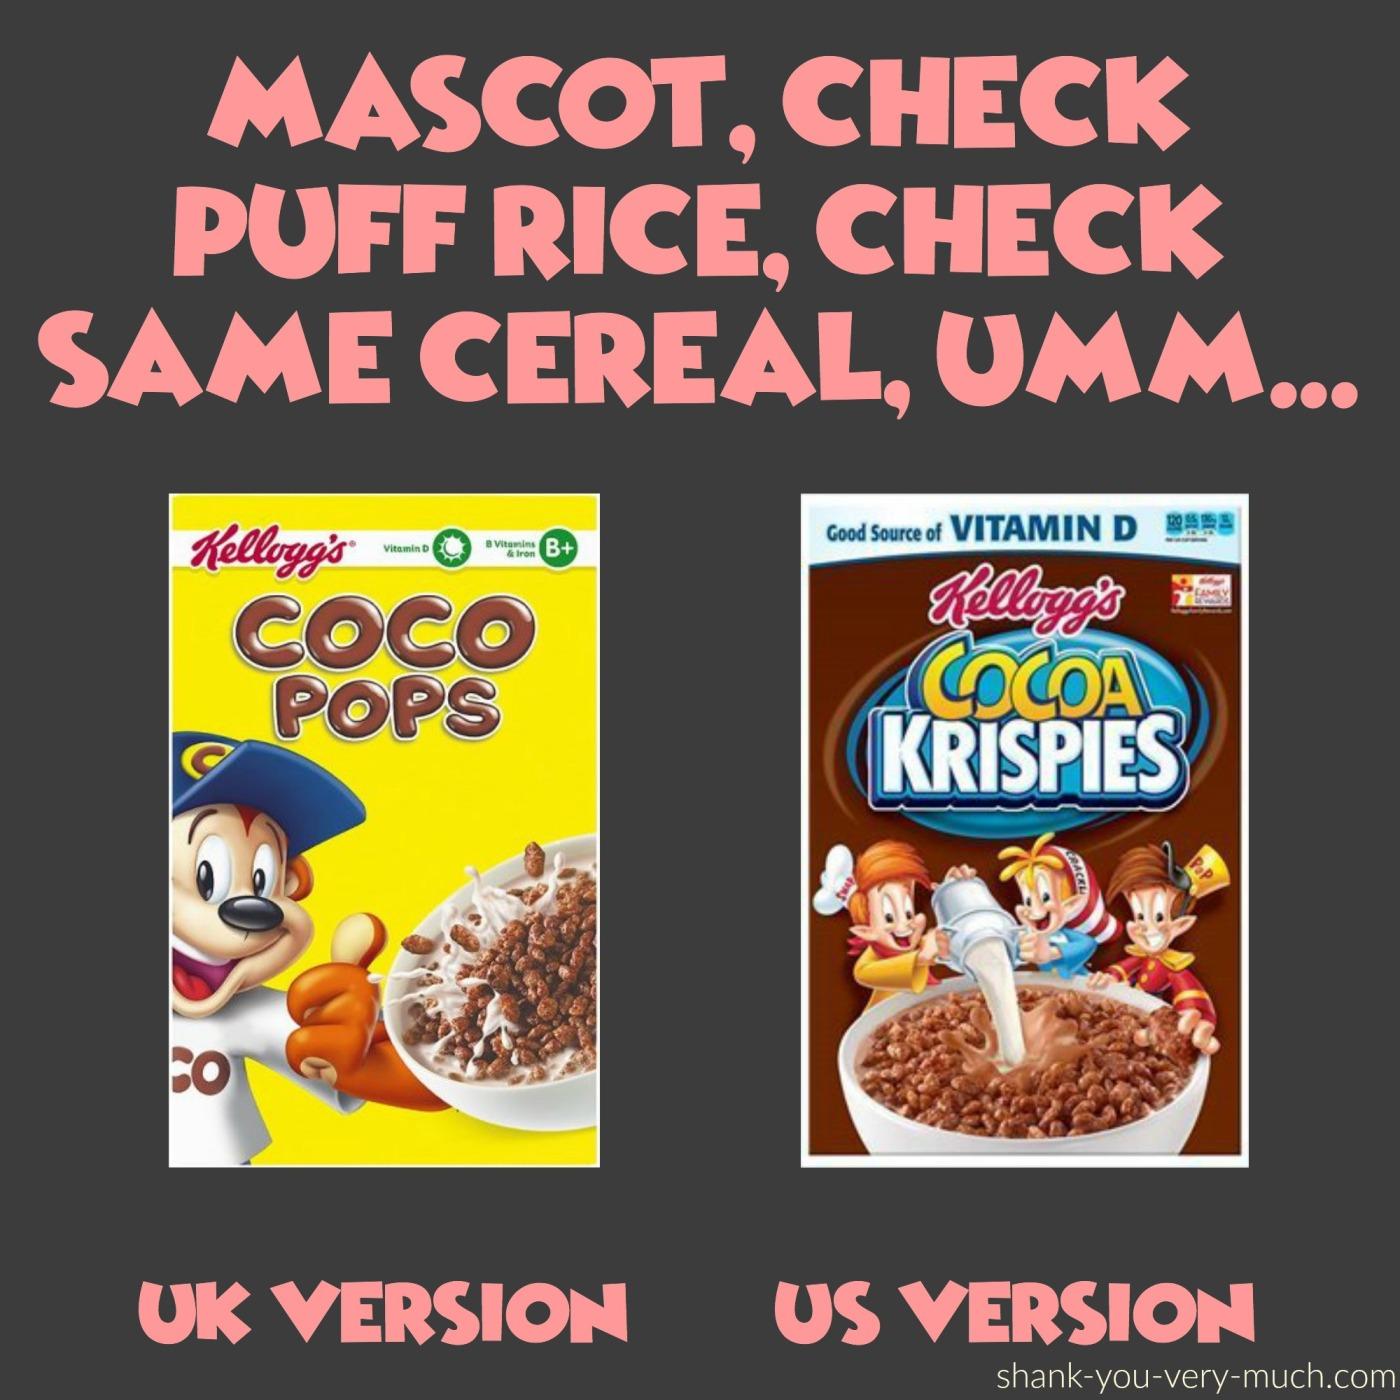 Taste test - Cocoa krispies